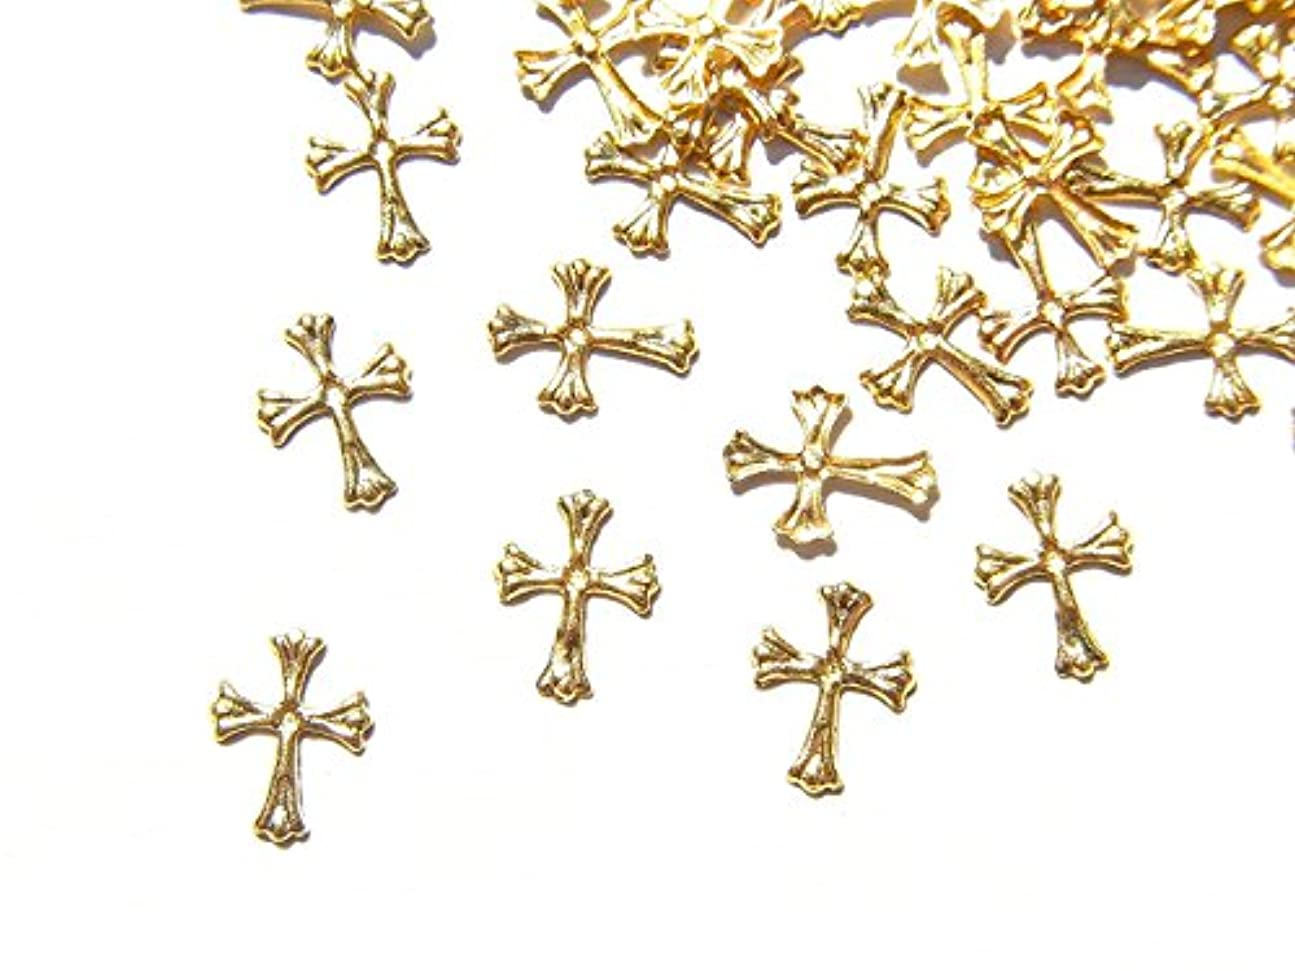 数学者壁紙病な【jewel】ゴールド メタルパーツ クロス (十字架) 10個入り 6mm×4mm 手芸 材料 レジン ネイルアート パーツ 素材